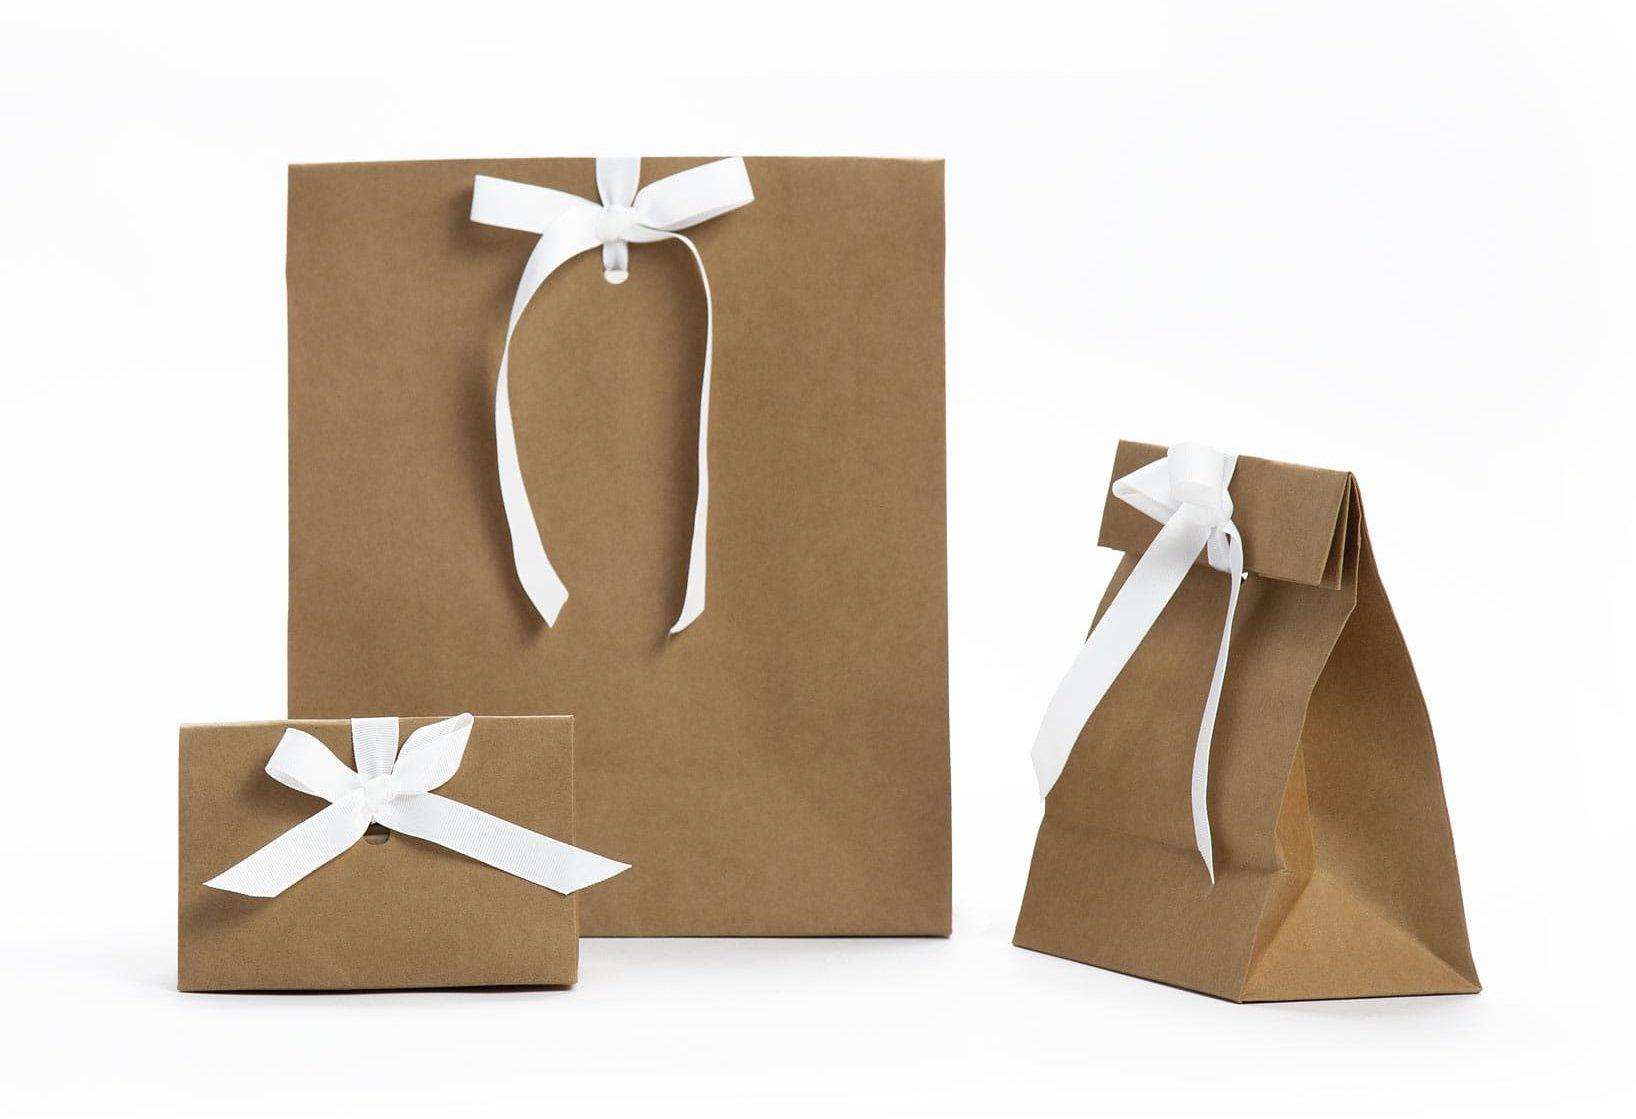 Bước 5: Kiểm tra chất lượng túi giấy sau in